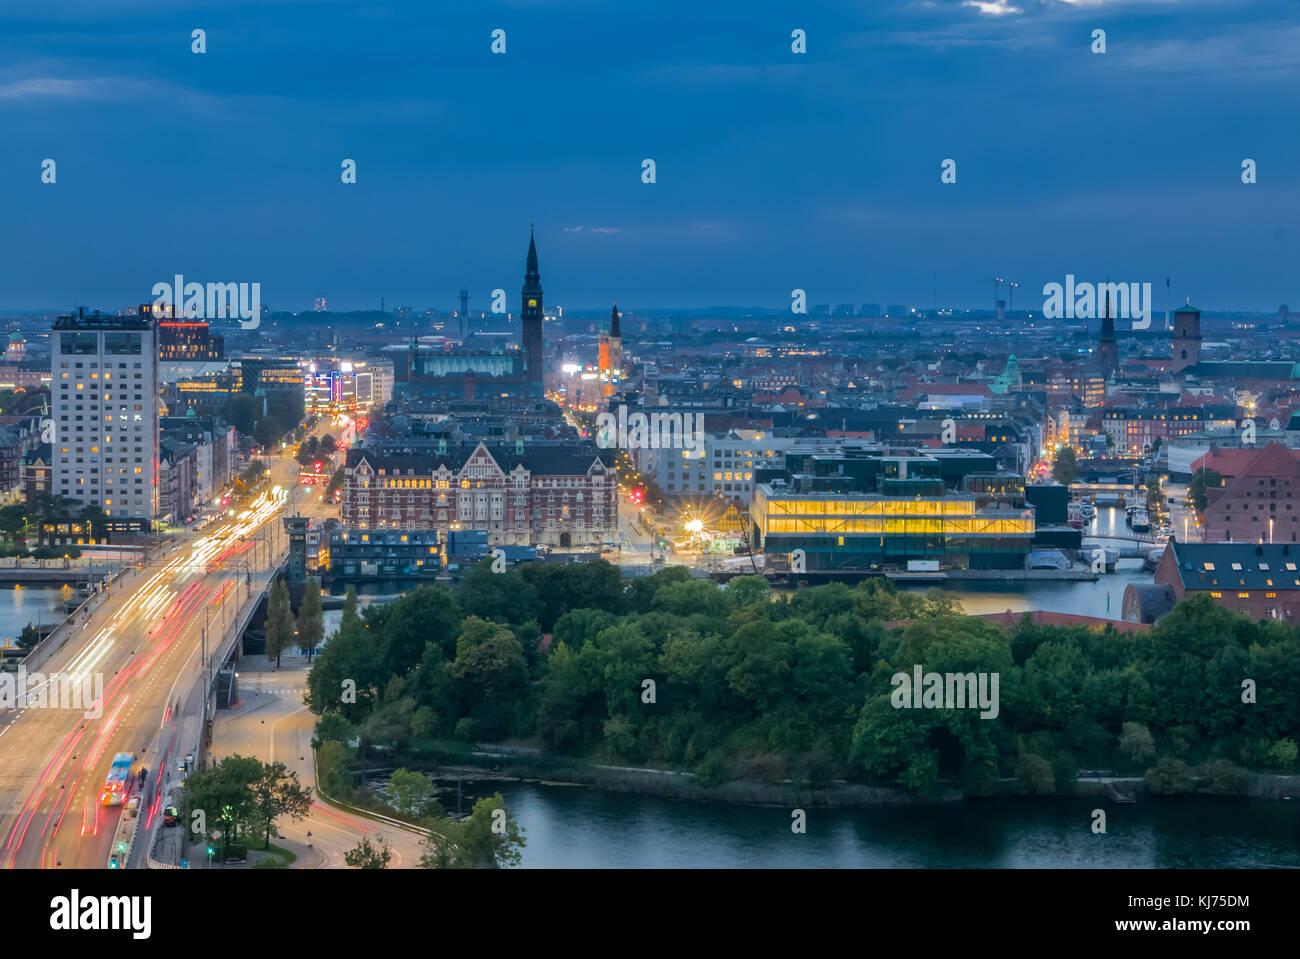 Cityskape de Copenhague y su calle principal con el tráfico Imagen De Stock